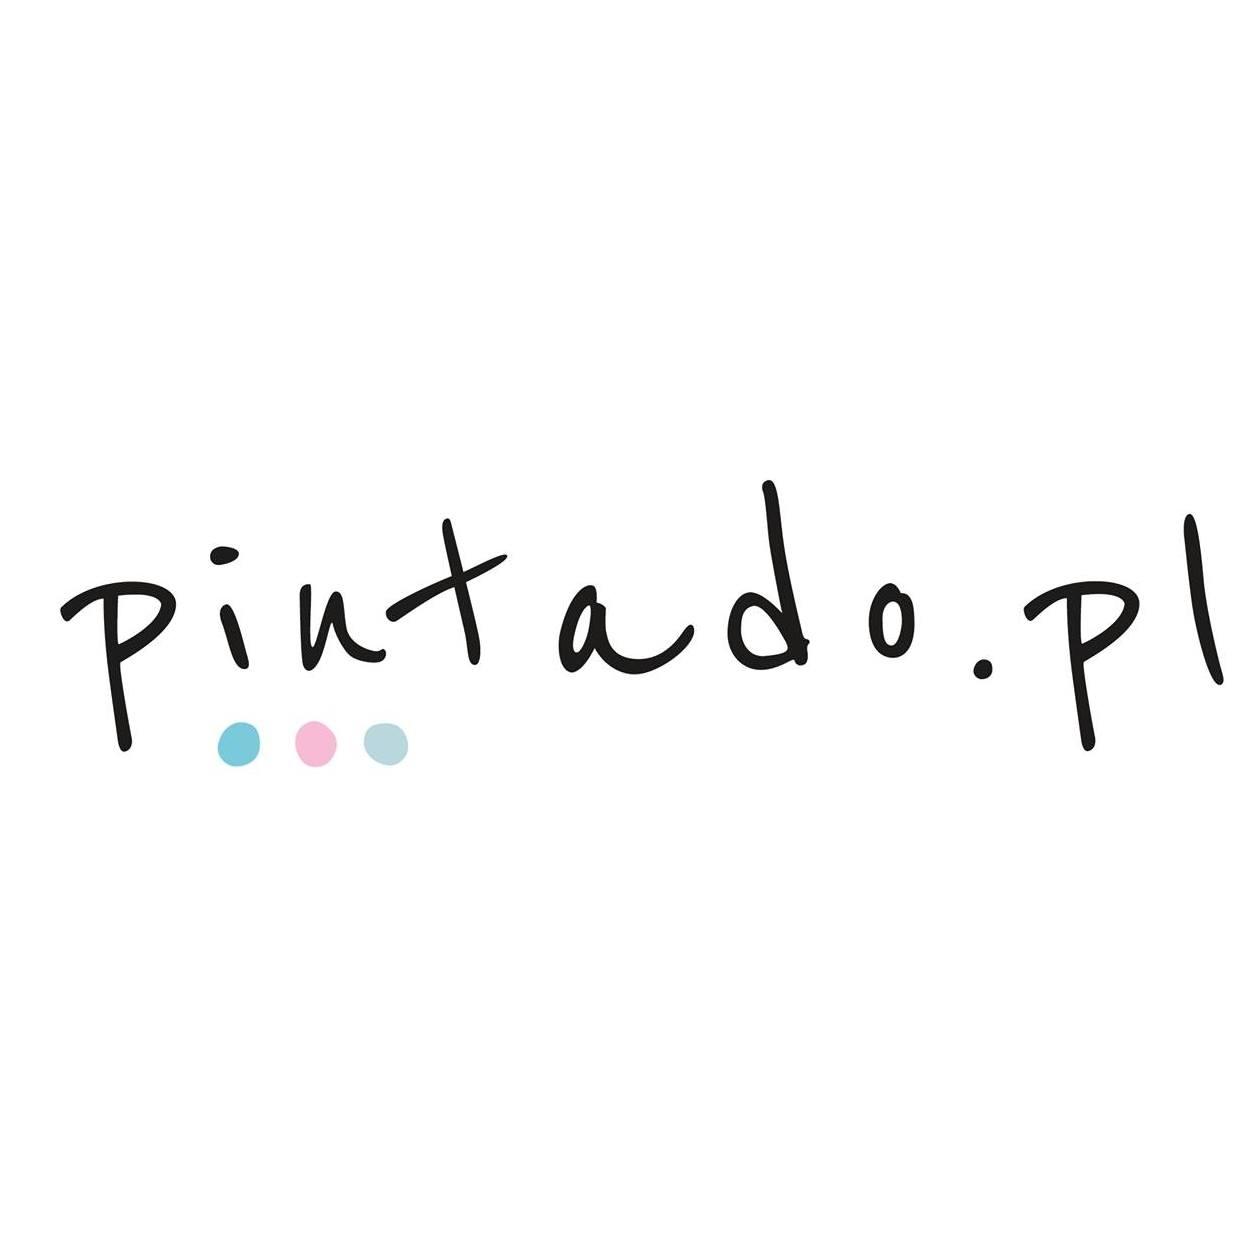 Sklep PINTADO wspiera Fundację ADRA